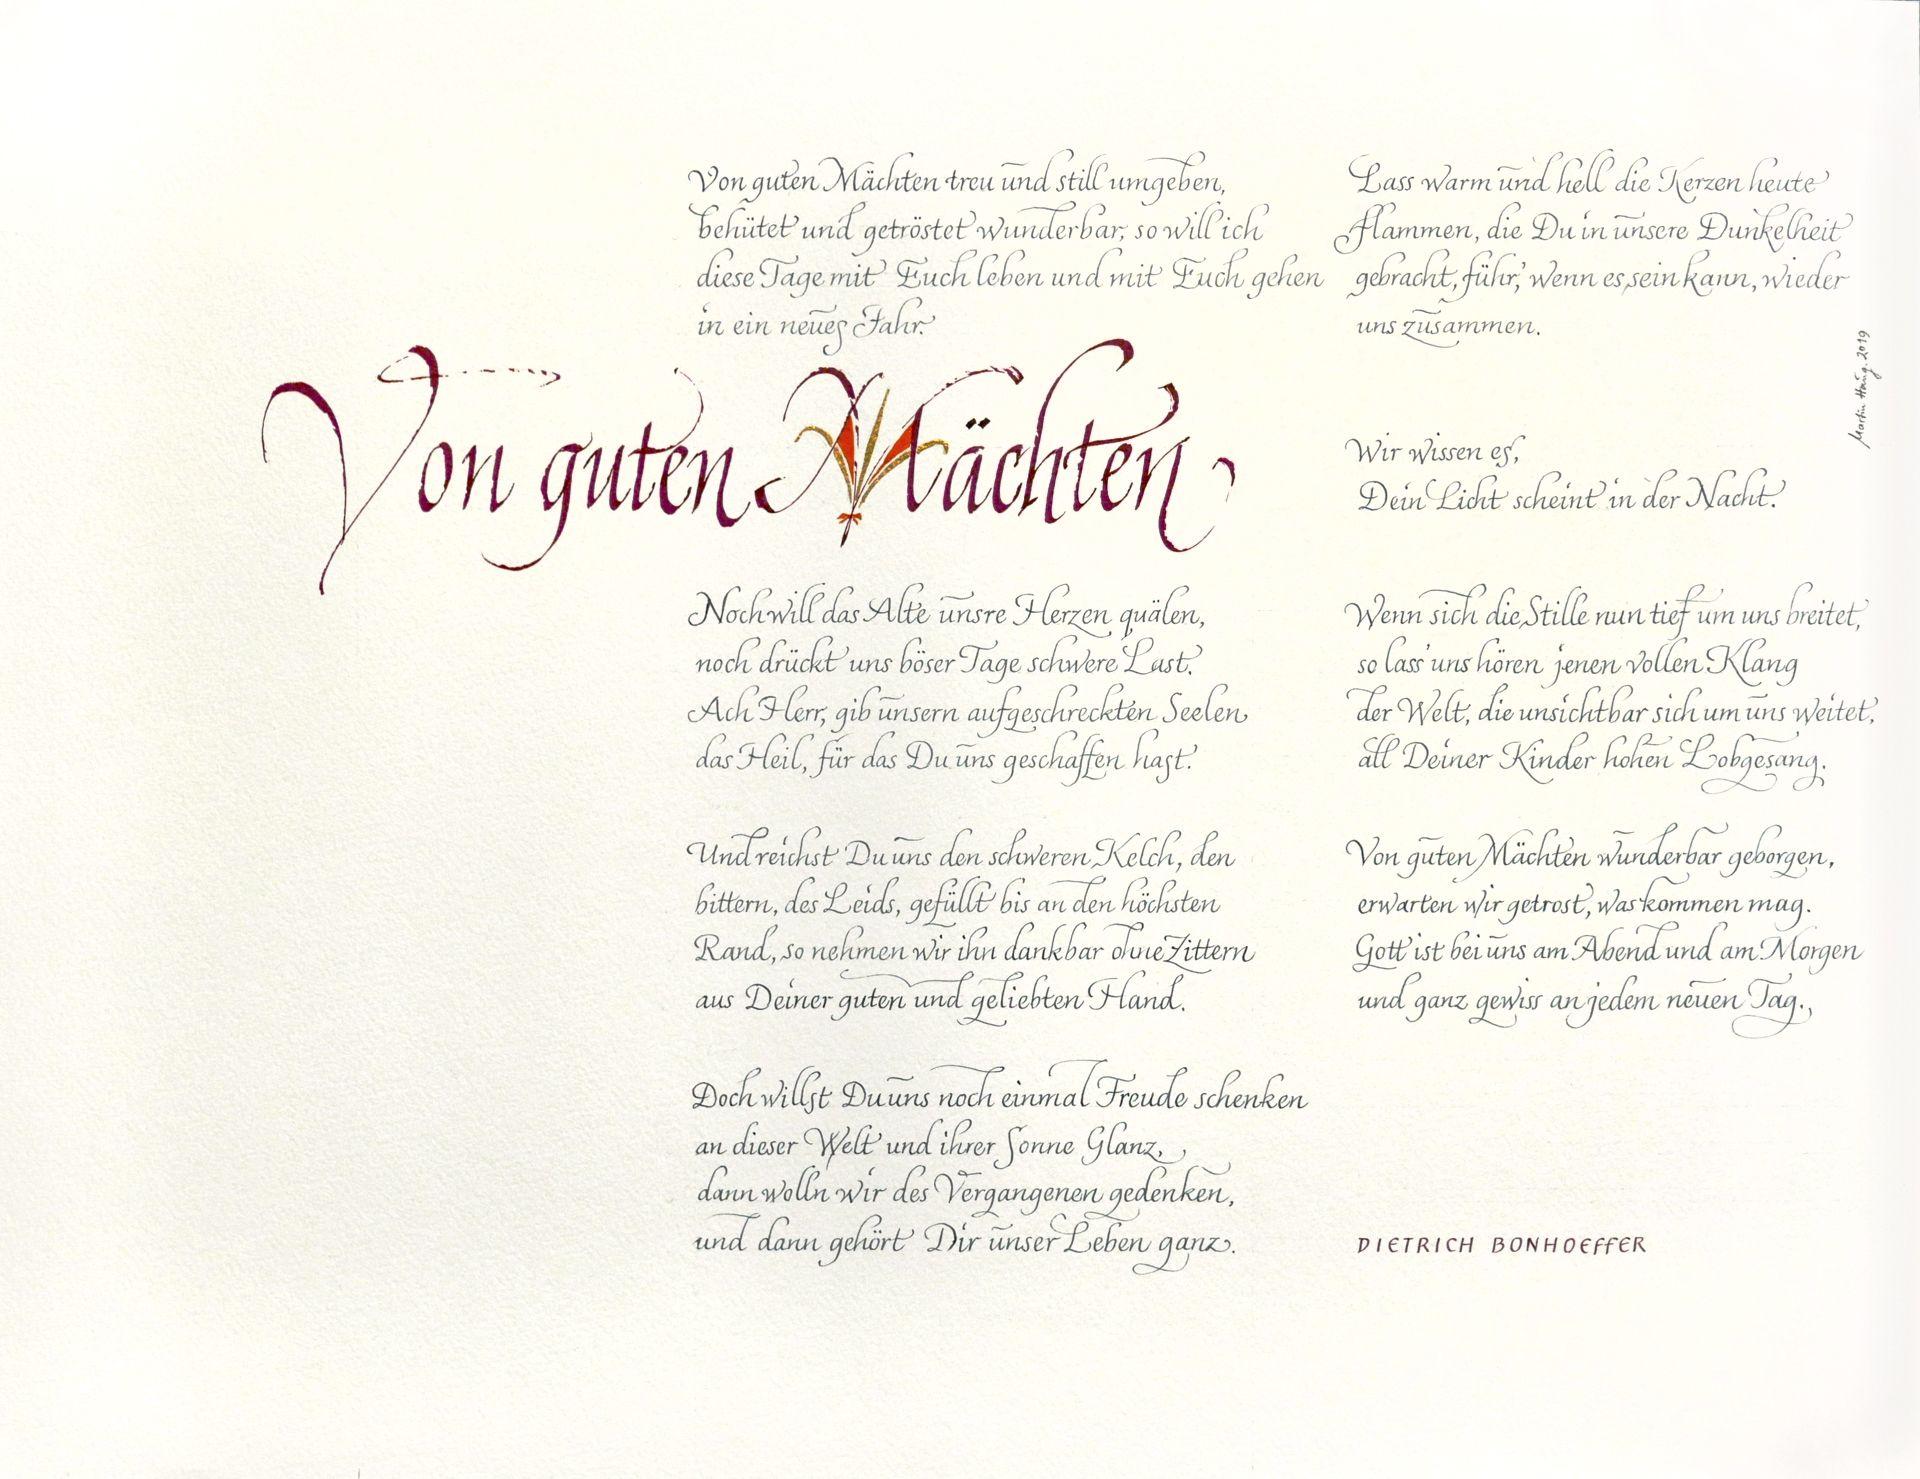 Das Lied Von Guten Machten Text Dietrich Bonhoeffer Markiert Wichtige Eckpunkte In Meinem Leben Schriftkunst Leben Lesen